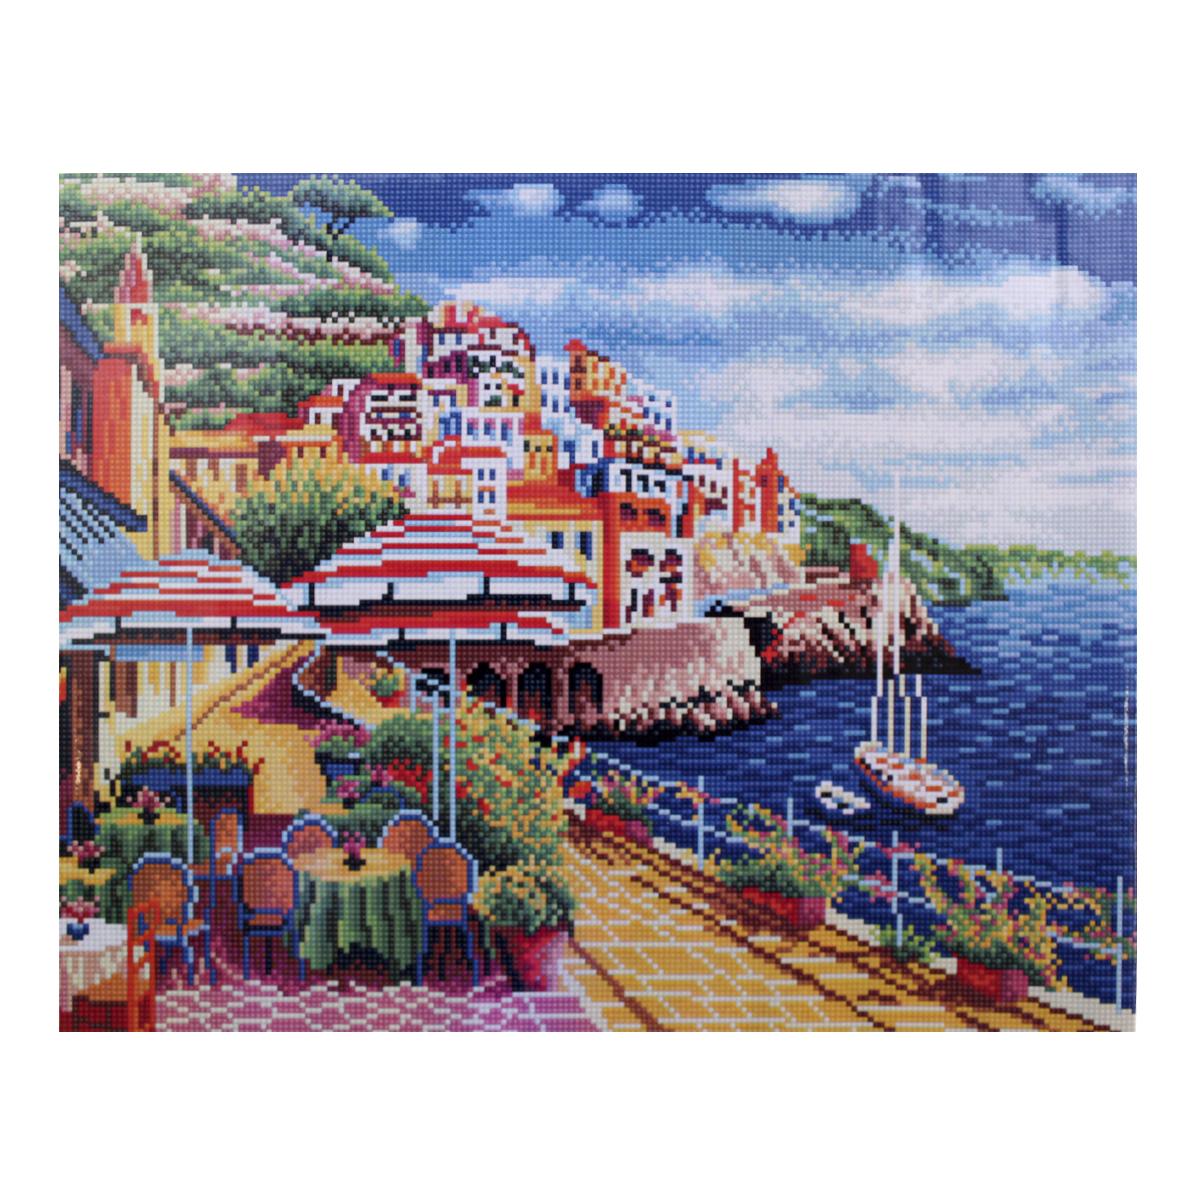 Алмазная мозаика Cristal, на деревянном подрамнике, 40 х 50 см. 77130777713077/GZ243Набор для творчества Cristal поможет вам создать свой личный шедевр - красивую картину, выполненную в мозаичной технике. Выложите прекрасную картину из множества маленьких цветных камушков. С помощью пинцета камушки размещаются на холсте, в результате проявляется рисунок. Постепенно заполняя ряд за рядом, вы создадите чудесное переливающееся изображение. Каждый камушек выполнен из прочного материала. Работа, выполненная своими руками, станет отличным подарком для друзей и близких! В набор входит: - Основа картины с нанесенной схемой на деревянной раме; - Ключи к схеме; - Комплект искусственных камней (30 цветов); - Желеобразный клей; - Пинцет; - Прозрачный клей; - Пластиковая ручка; - Пластмассовый лоток для камней; - Металлические крепления для готовой работы. Диаметр камушка: 2,5 мм. Размер готового изделия: 40 х 50 см.